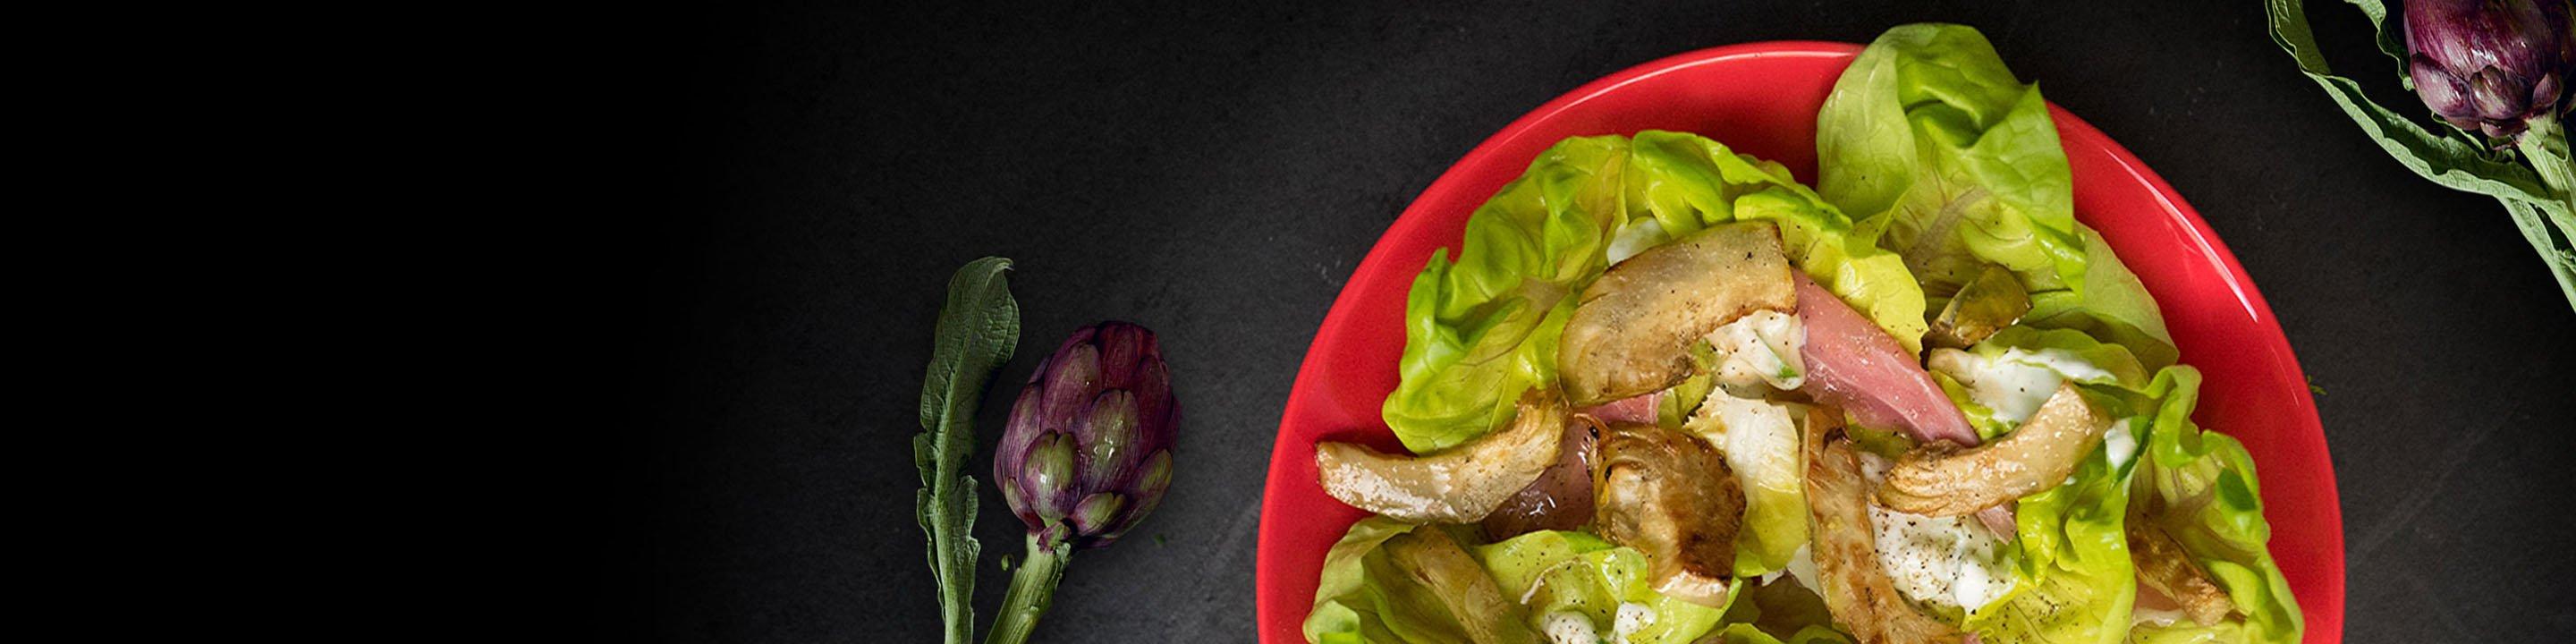 Salade d'artichauts